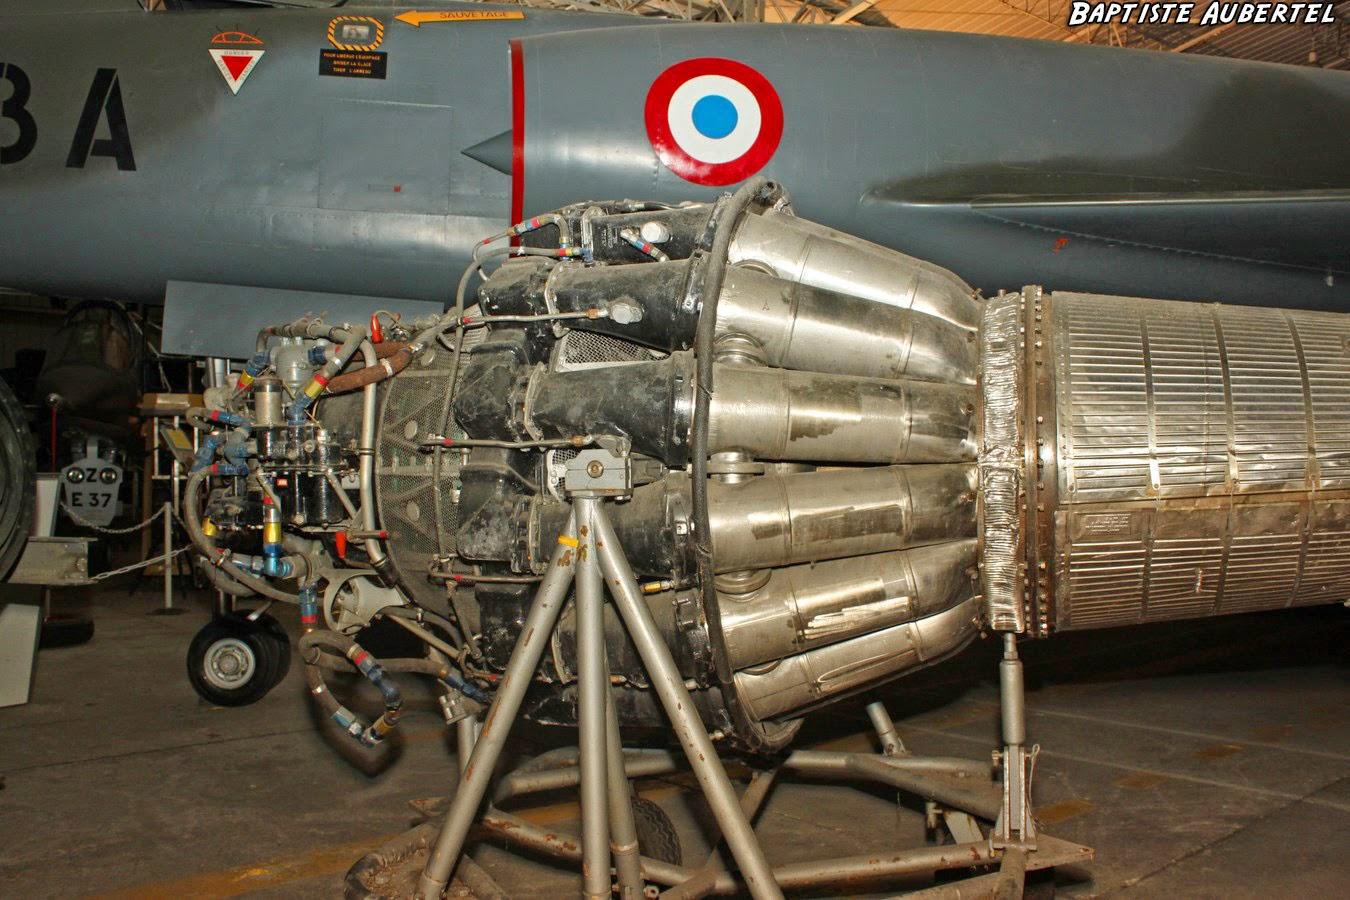 réacteur Lockheed T-33